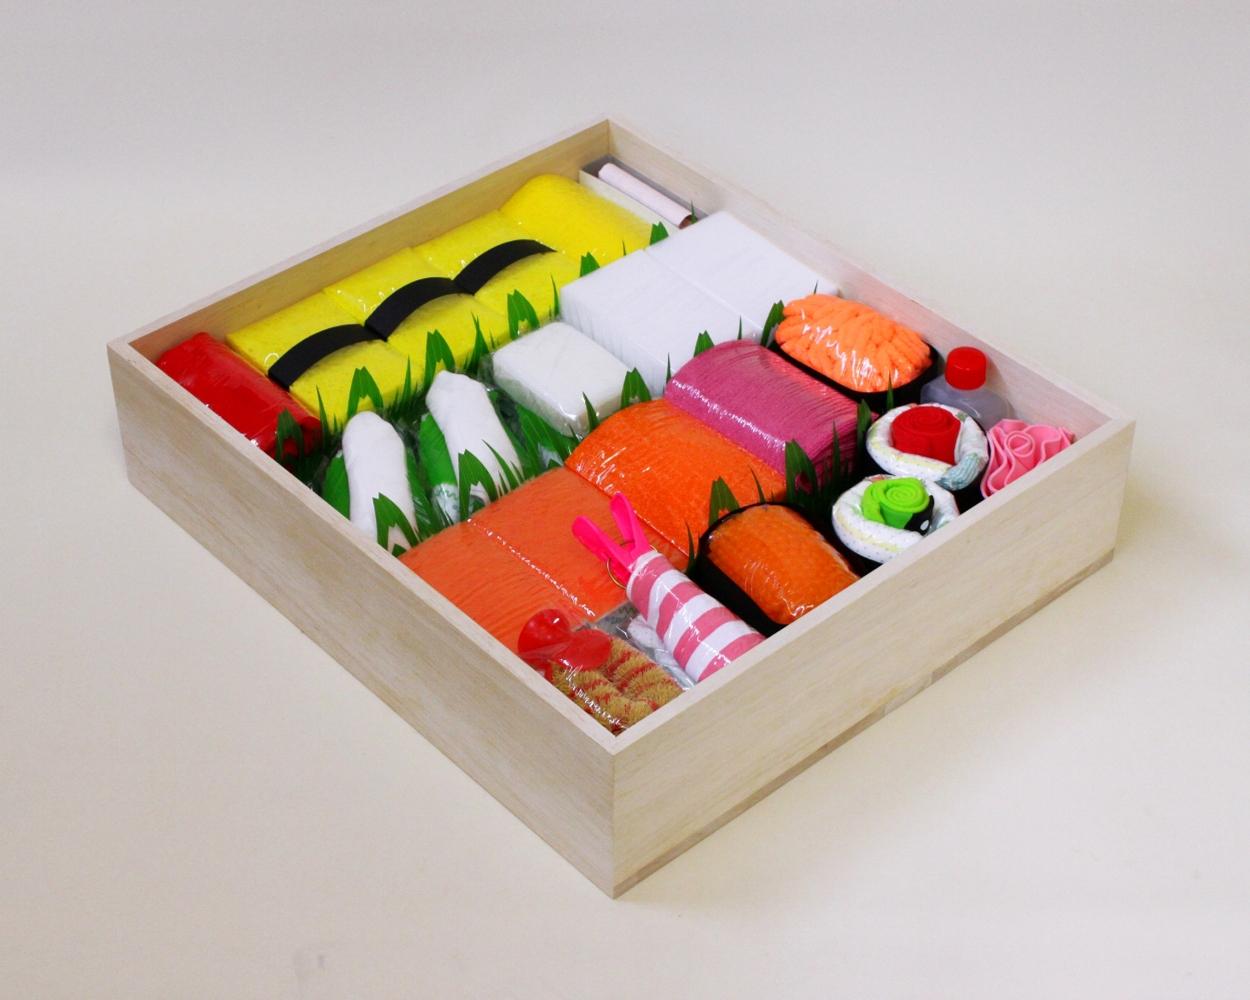 ニッポンのココロ、世界にお届け致します。 ユニーク出産祝い『おむつ寿司』海外販売開始。